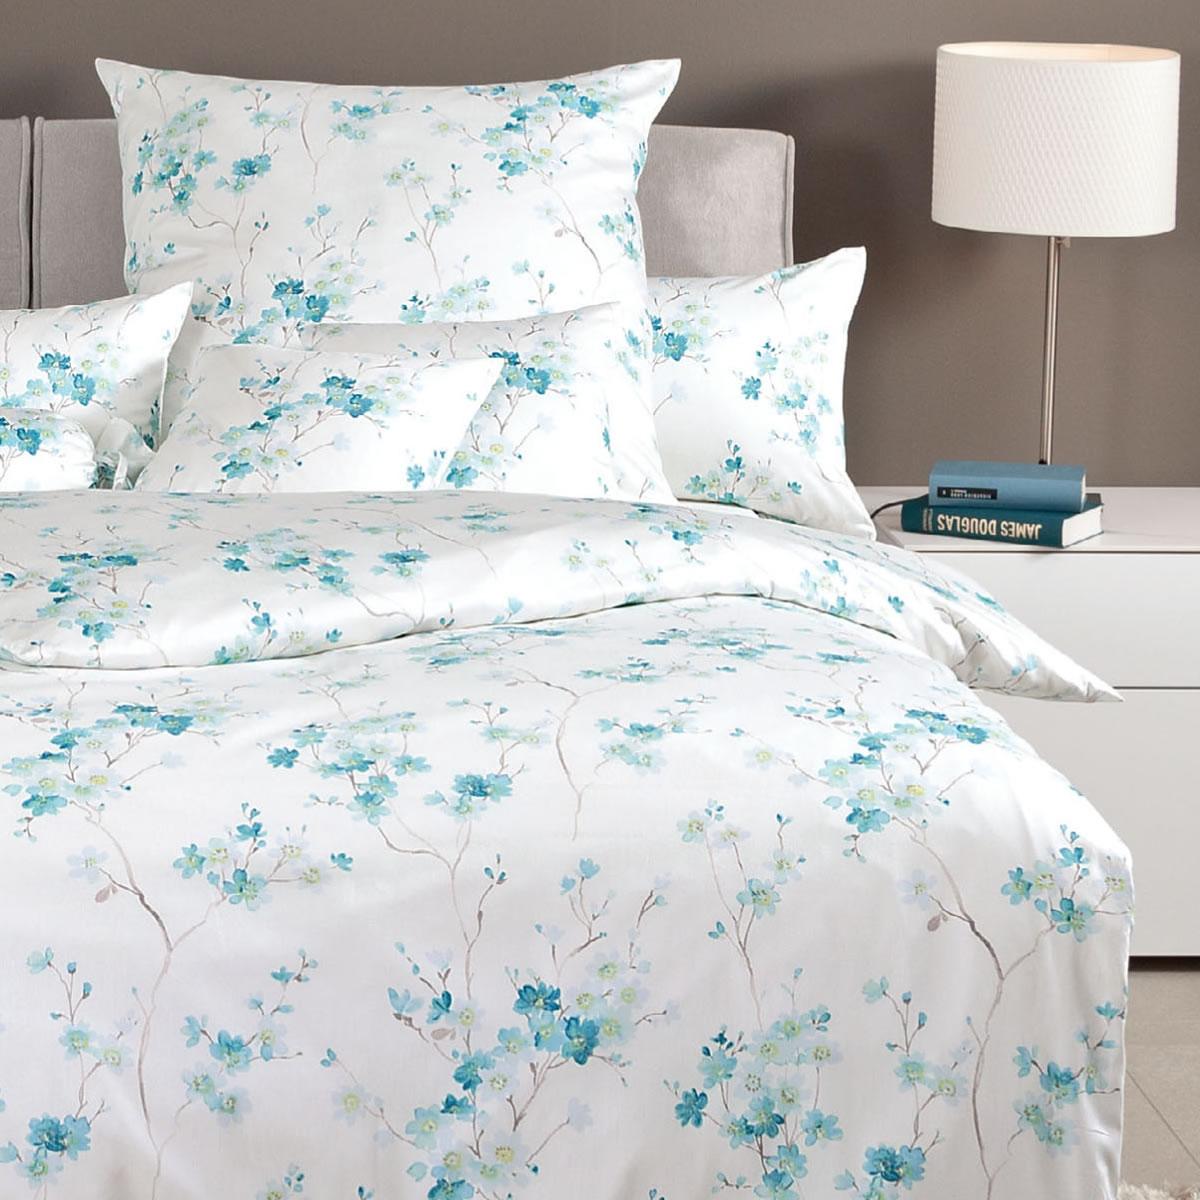 janine interlock fein jersey bettw sche carmen 53048 02 blaut rkis grau blumen ebay. Black Bedroom Furniture Sets. Home Design Ideas